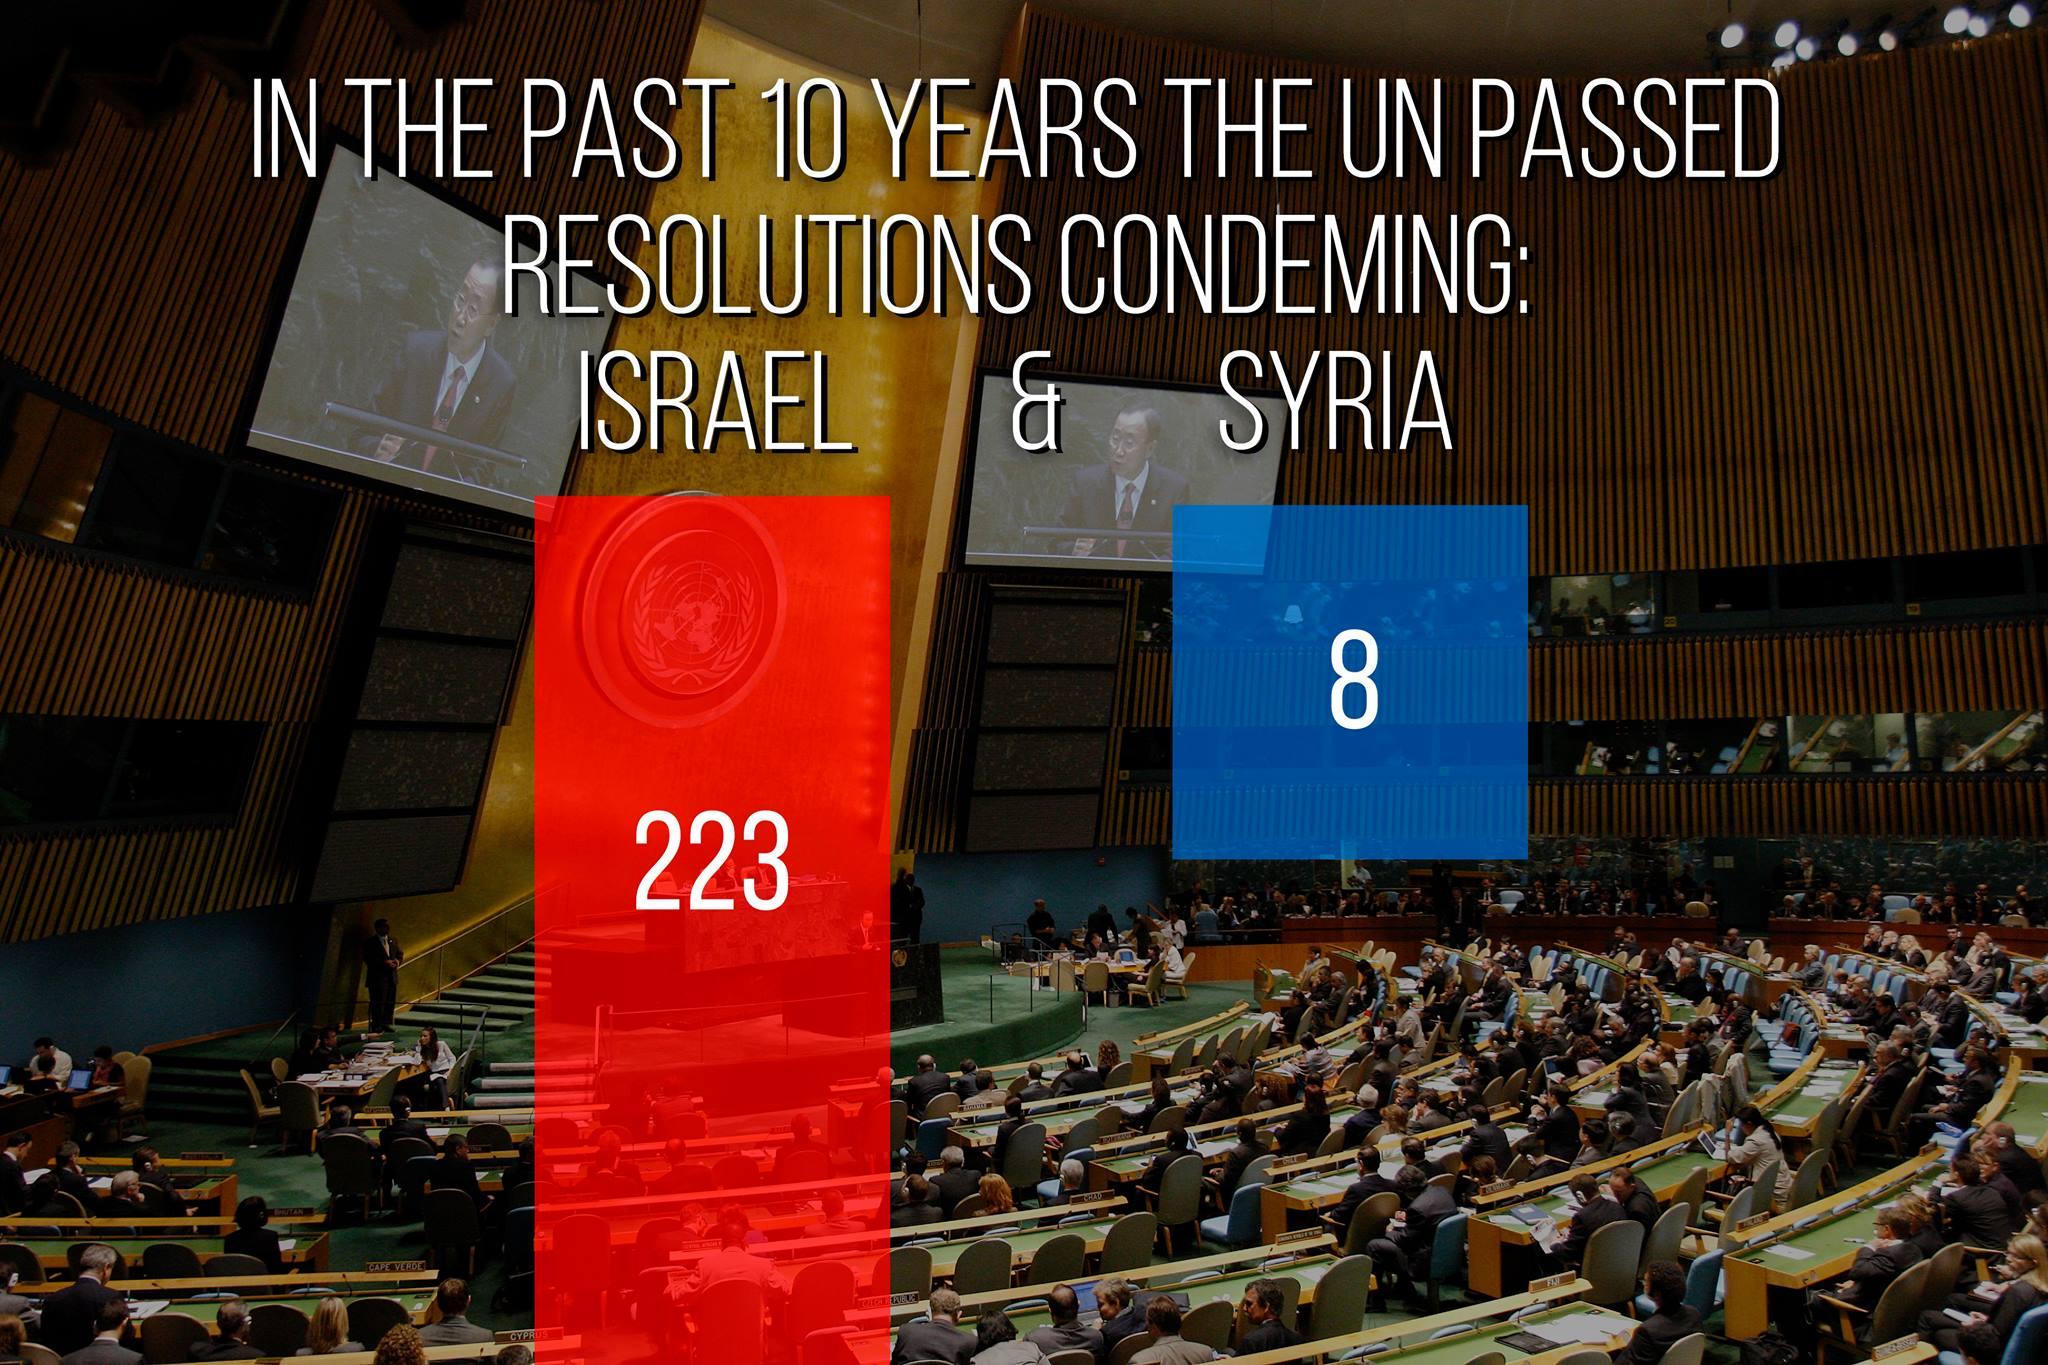 israel-un-condemns-more-than-syria